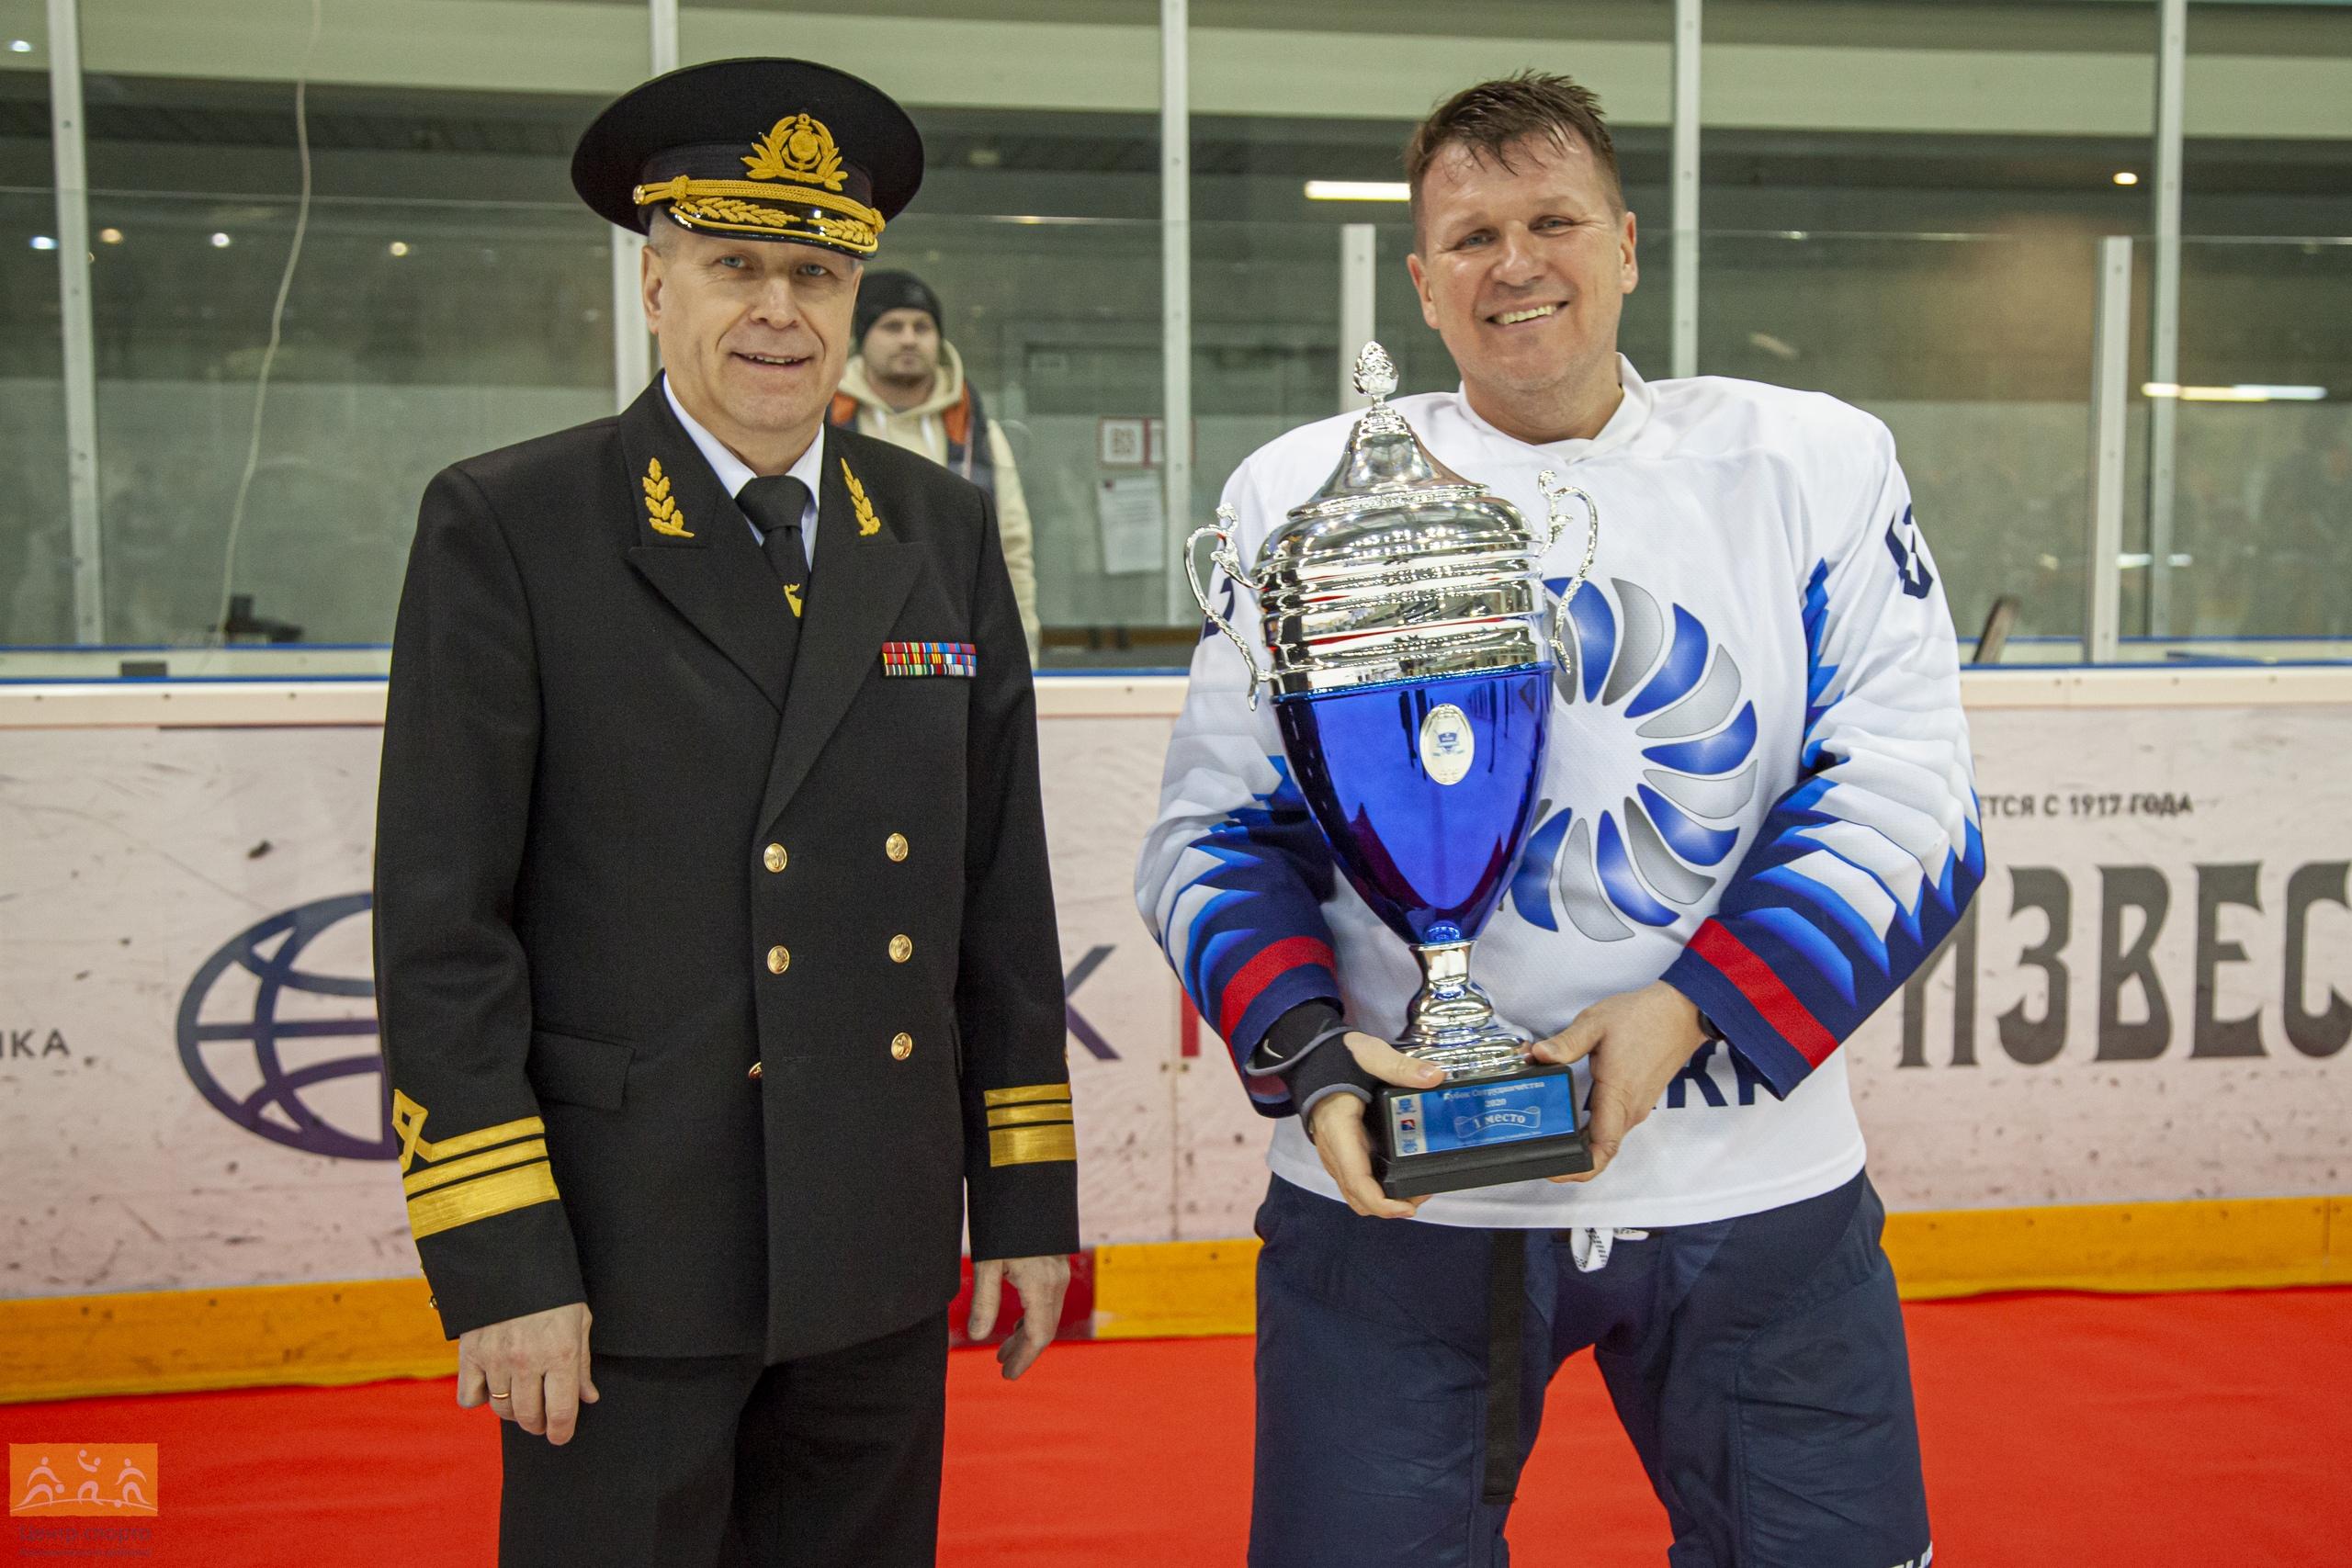 ХК Калининский район чемпион кубка сотрудничества 2020!